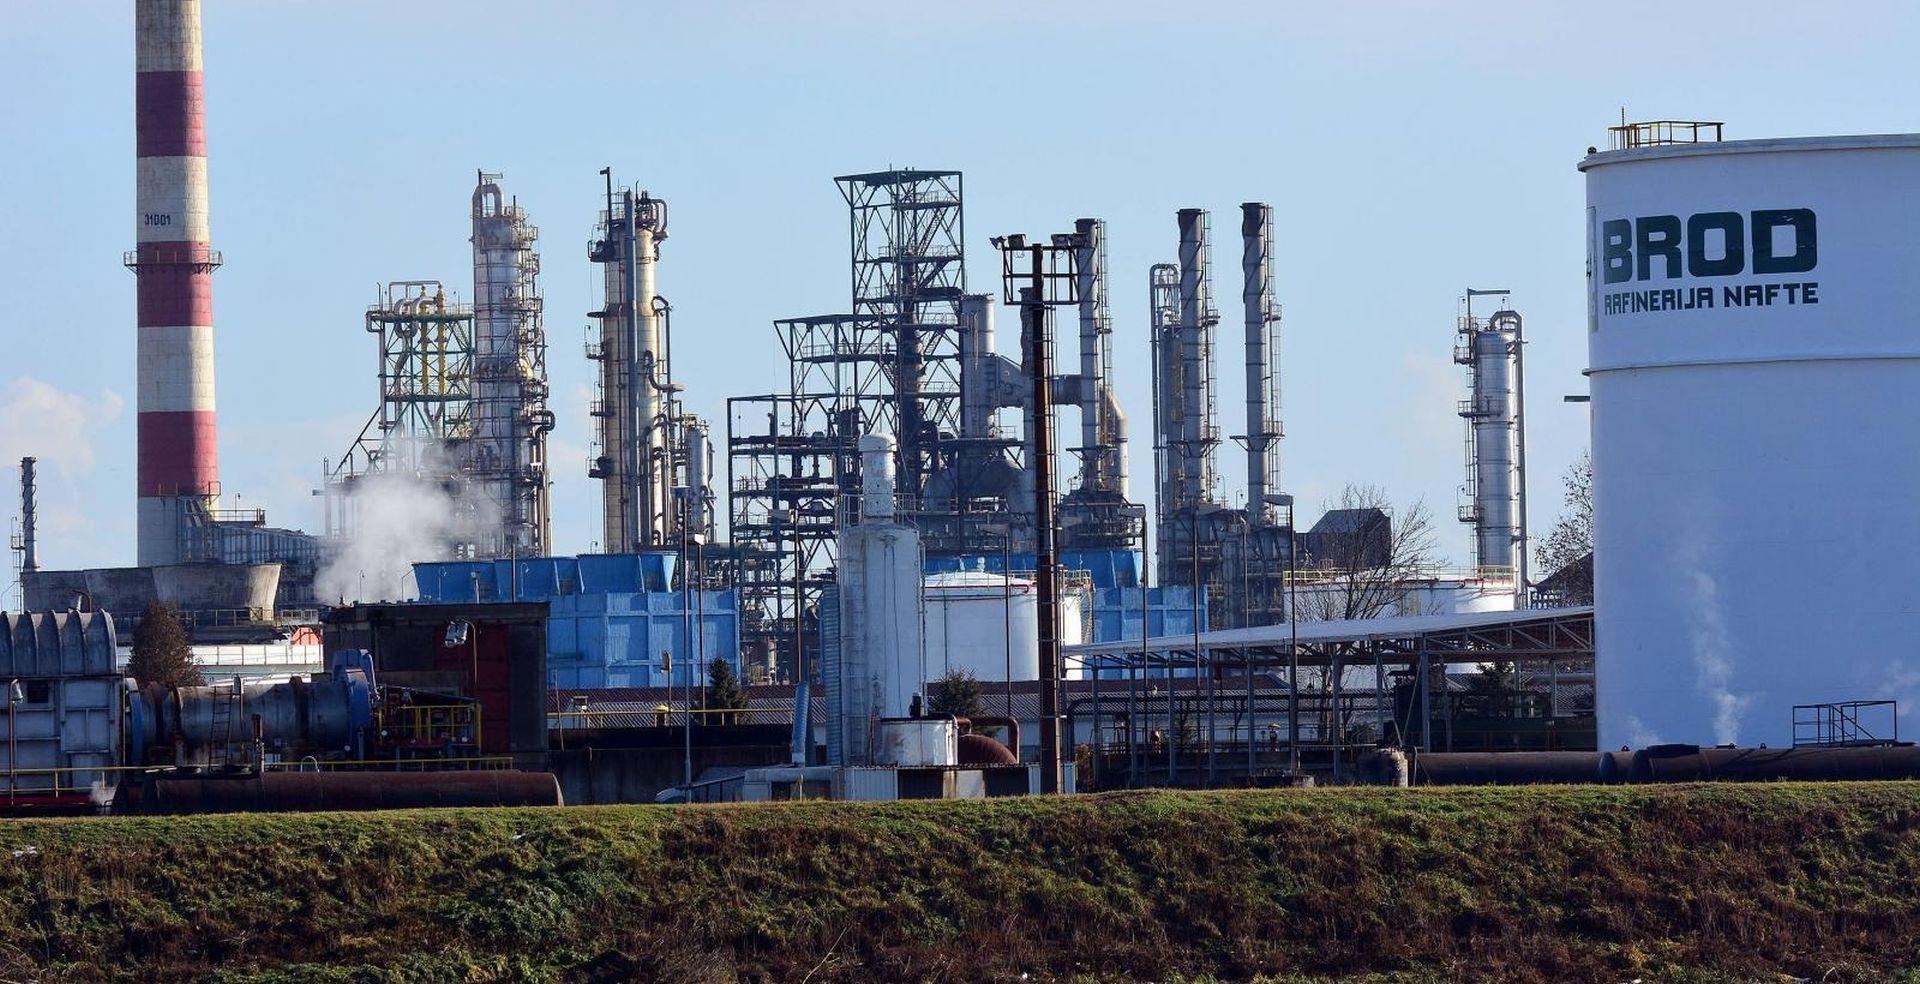 """OPTIMA GRUPA """"Eksplozija u rafineriji nije prouzročila onečišćenje zraka"""""""